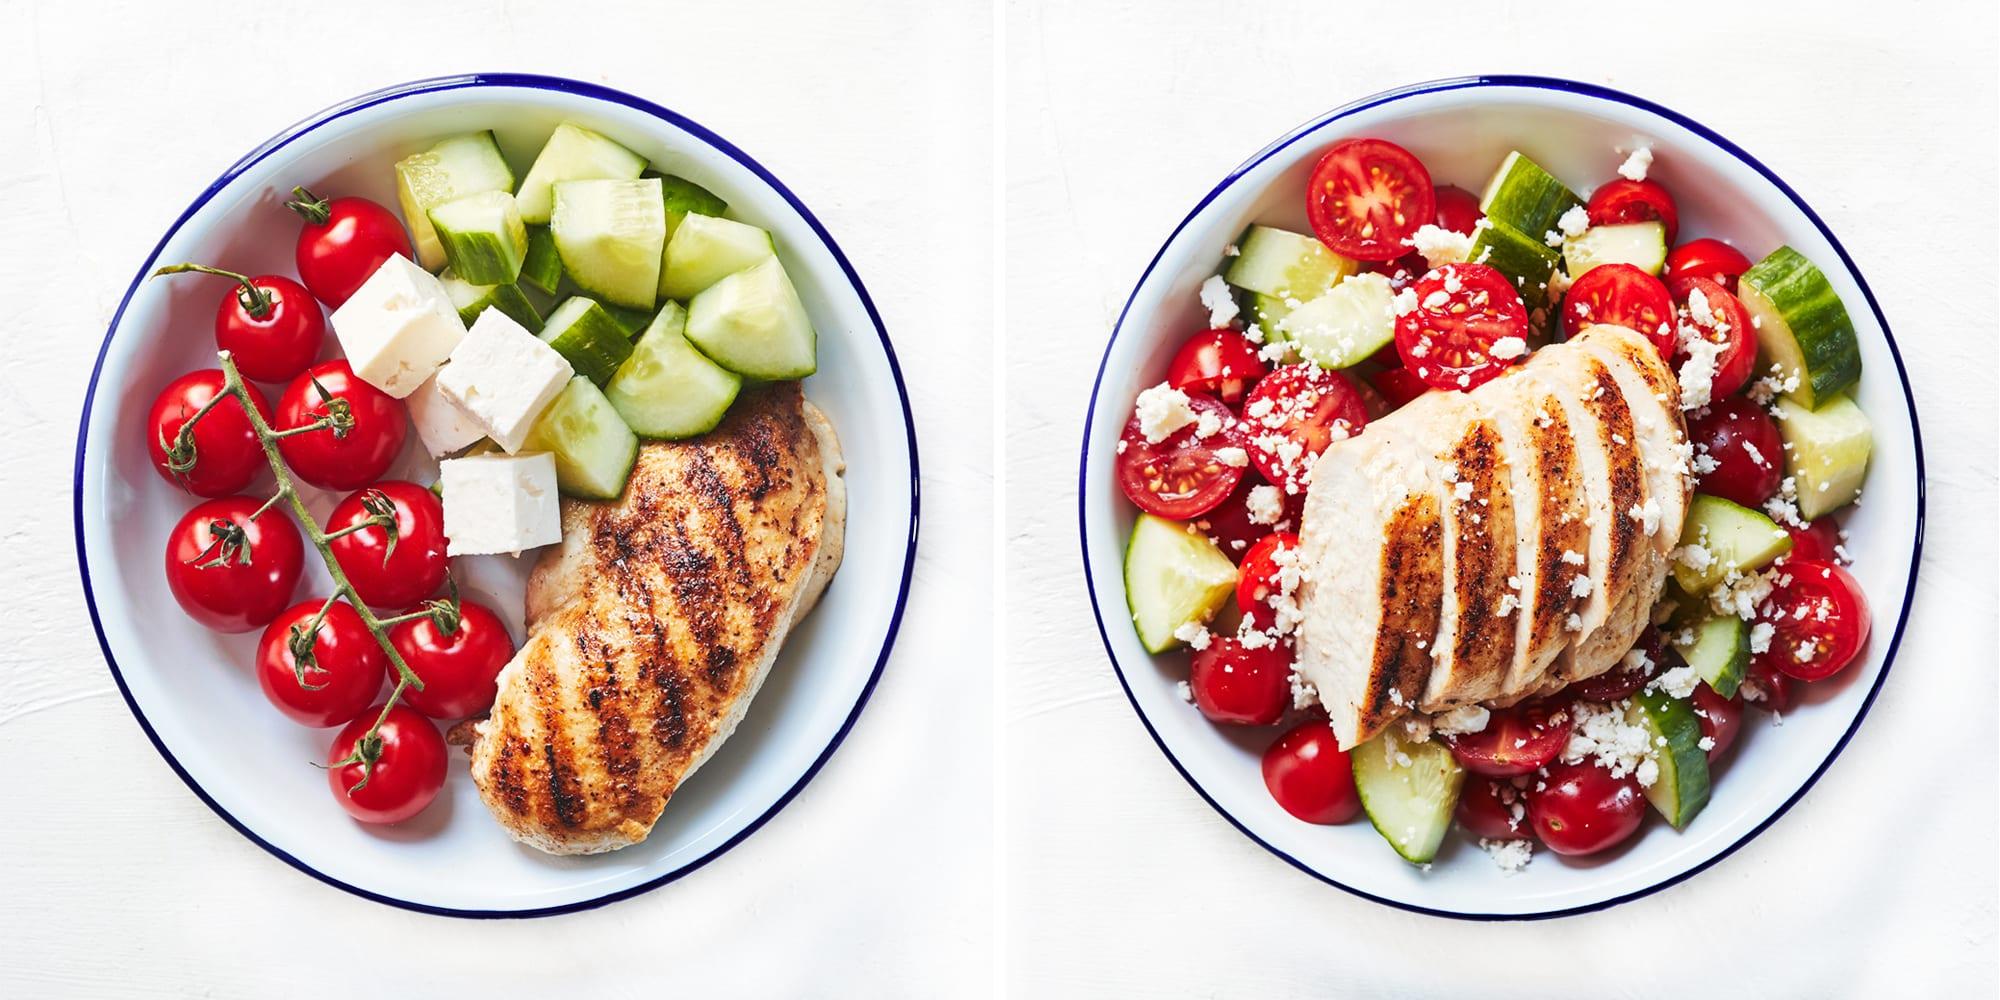 4-Ingredient Greek Chicken Bowls